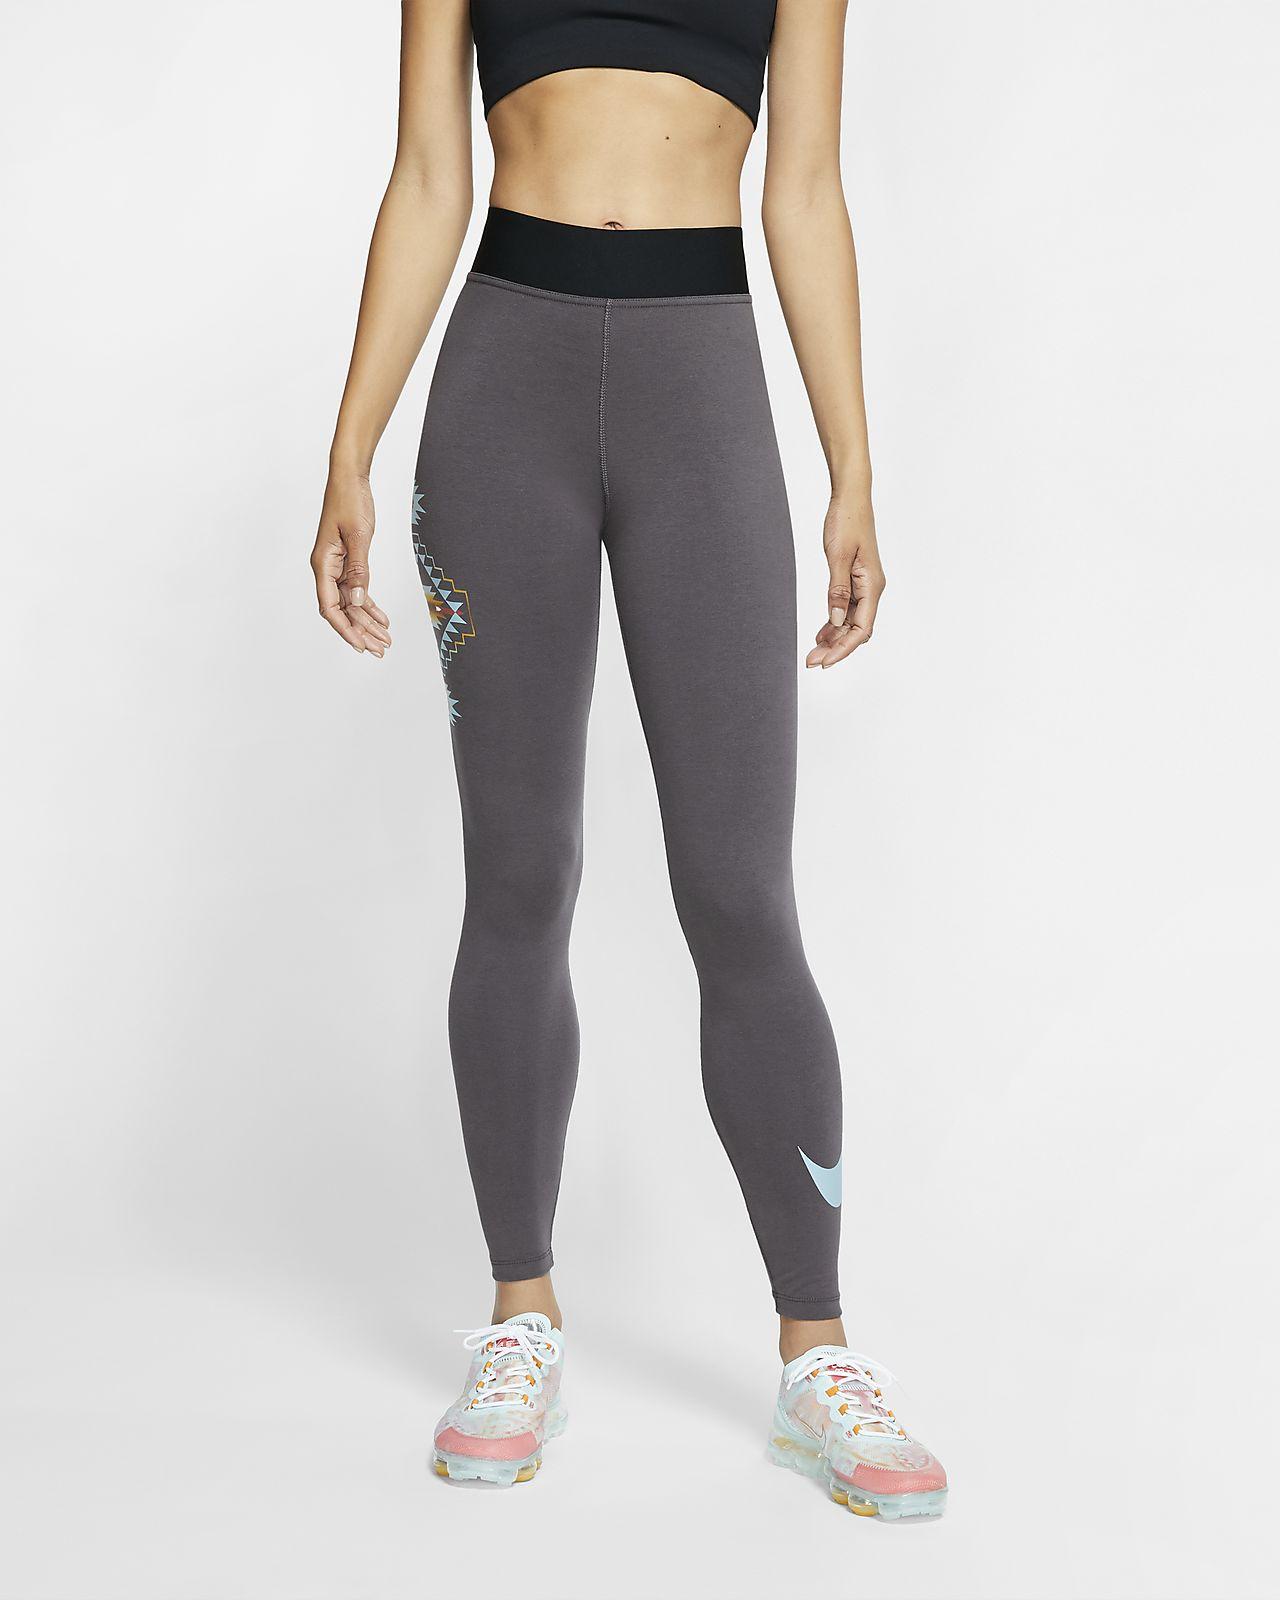 Nike Sportswear Leg-A-See N7 Women's Leggings